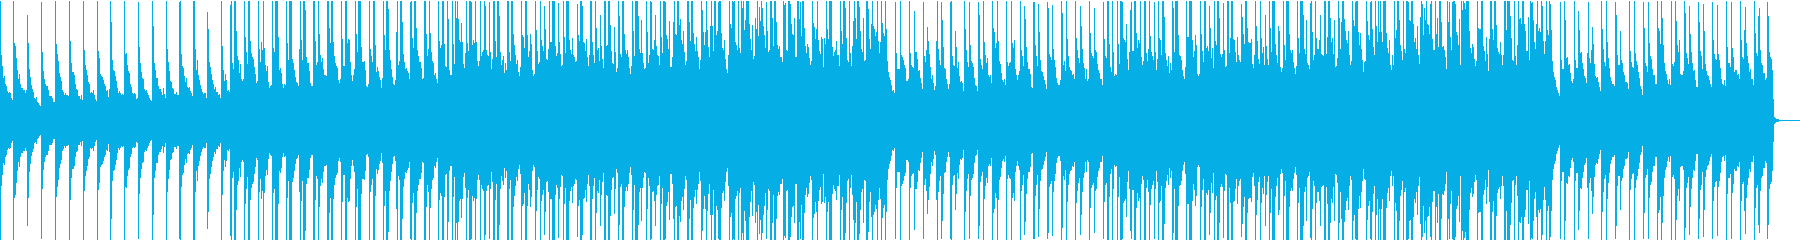 青春・仲間・感動・バラード・ピアノ・春の再生済みの波形